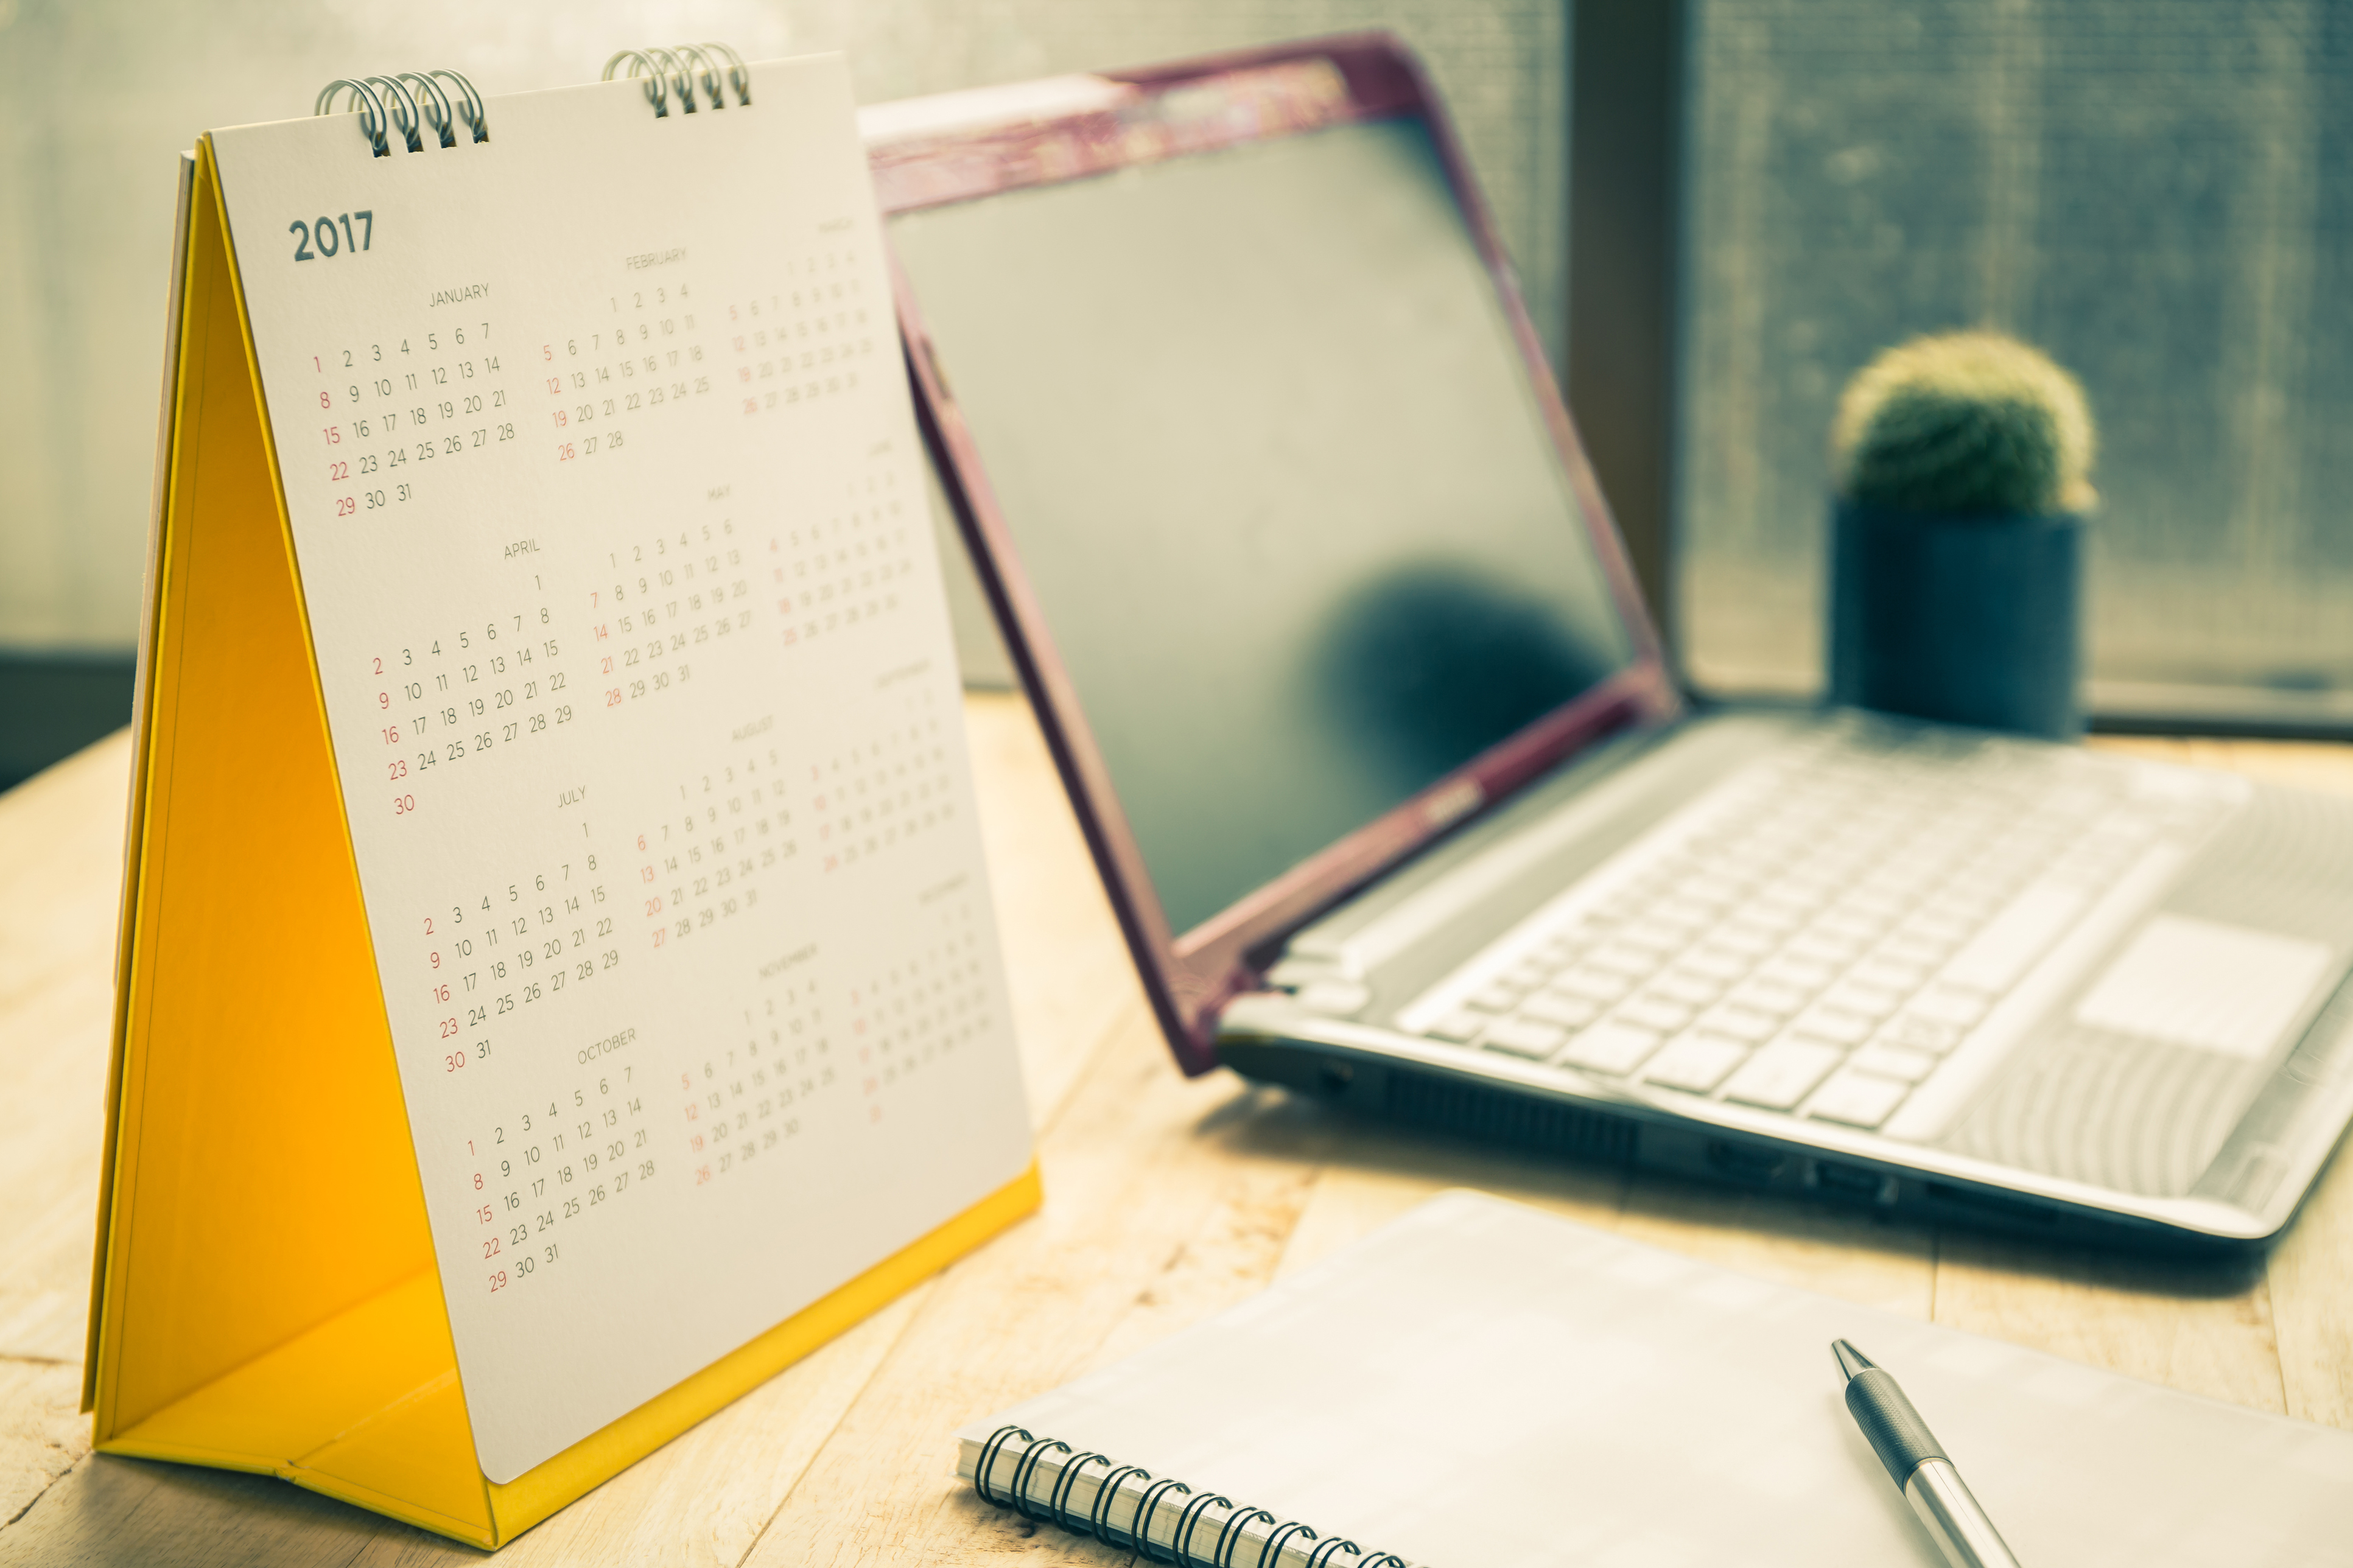 Uma mesa com um laptop, um calendário de 2017 e um caderno com uma caneta em cima